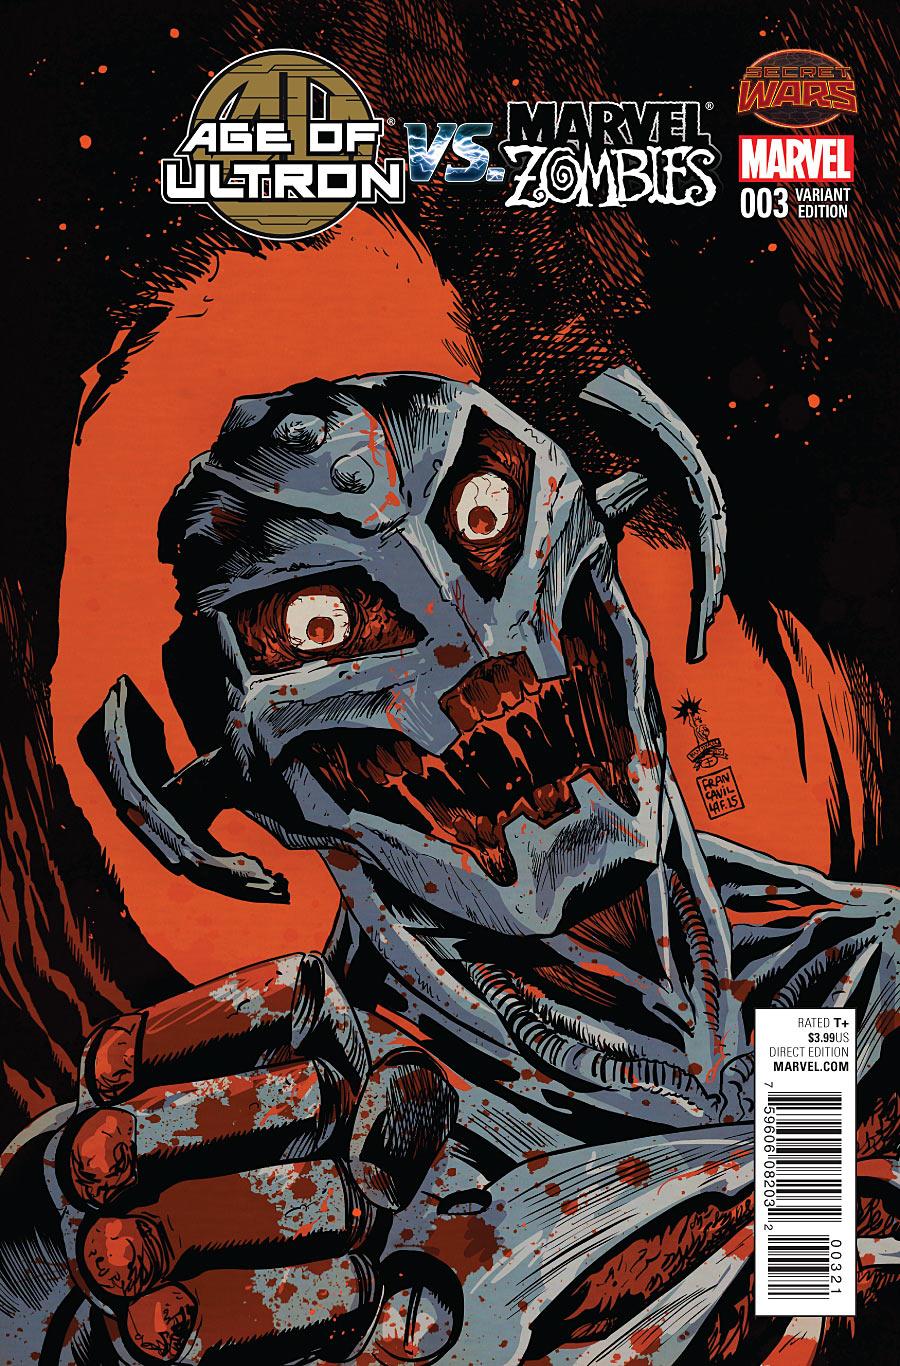 Age of Ultron vs. Marvel Zombies Vol 1 3 Francavilla Variant.jpg